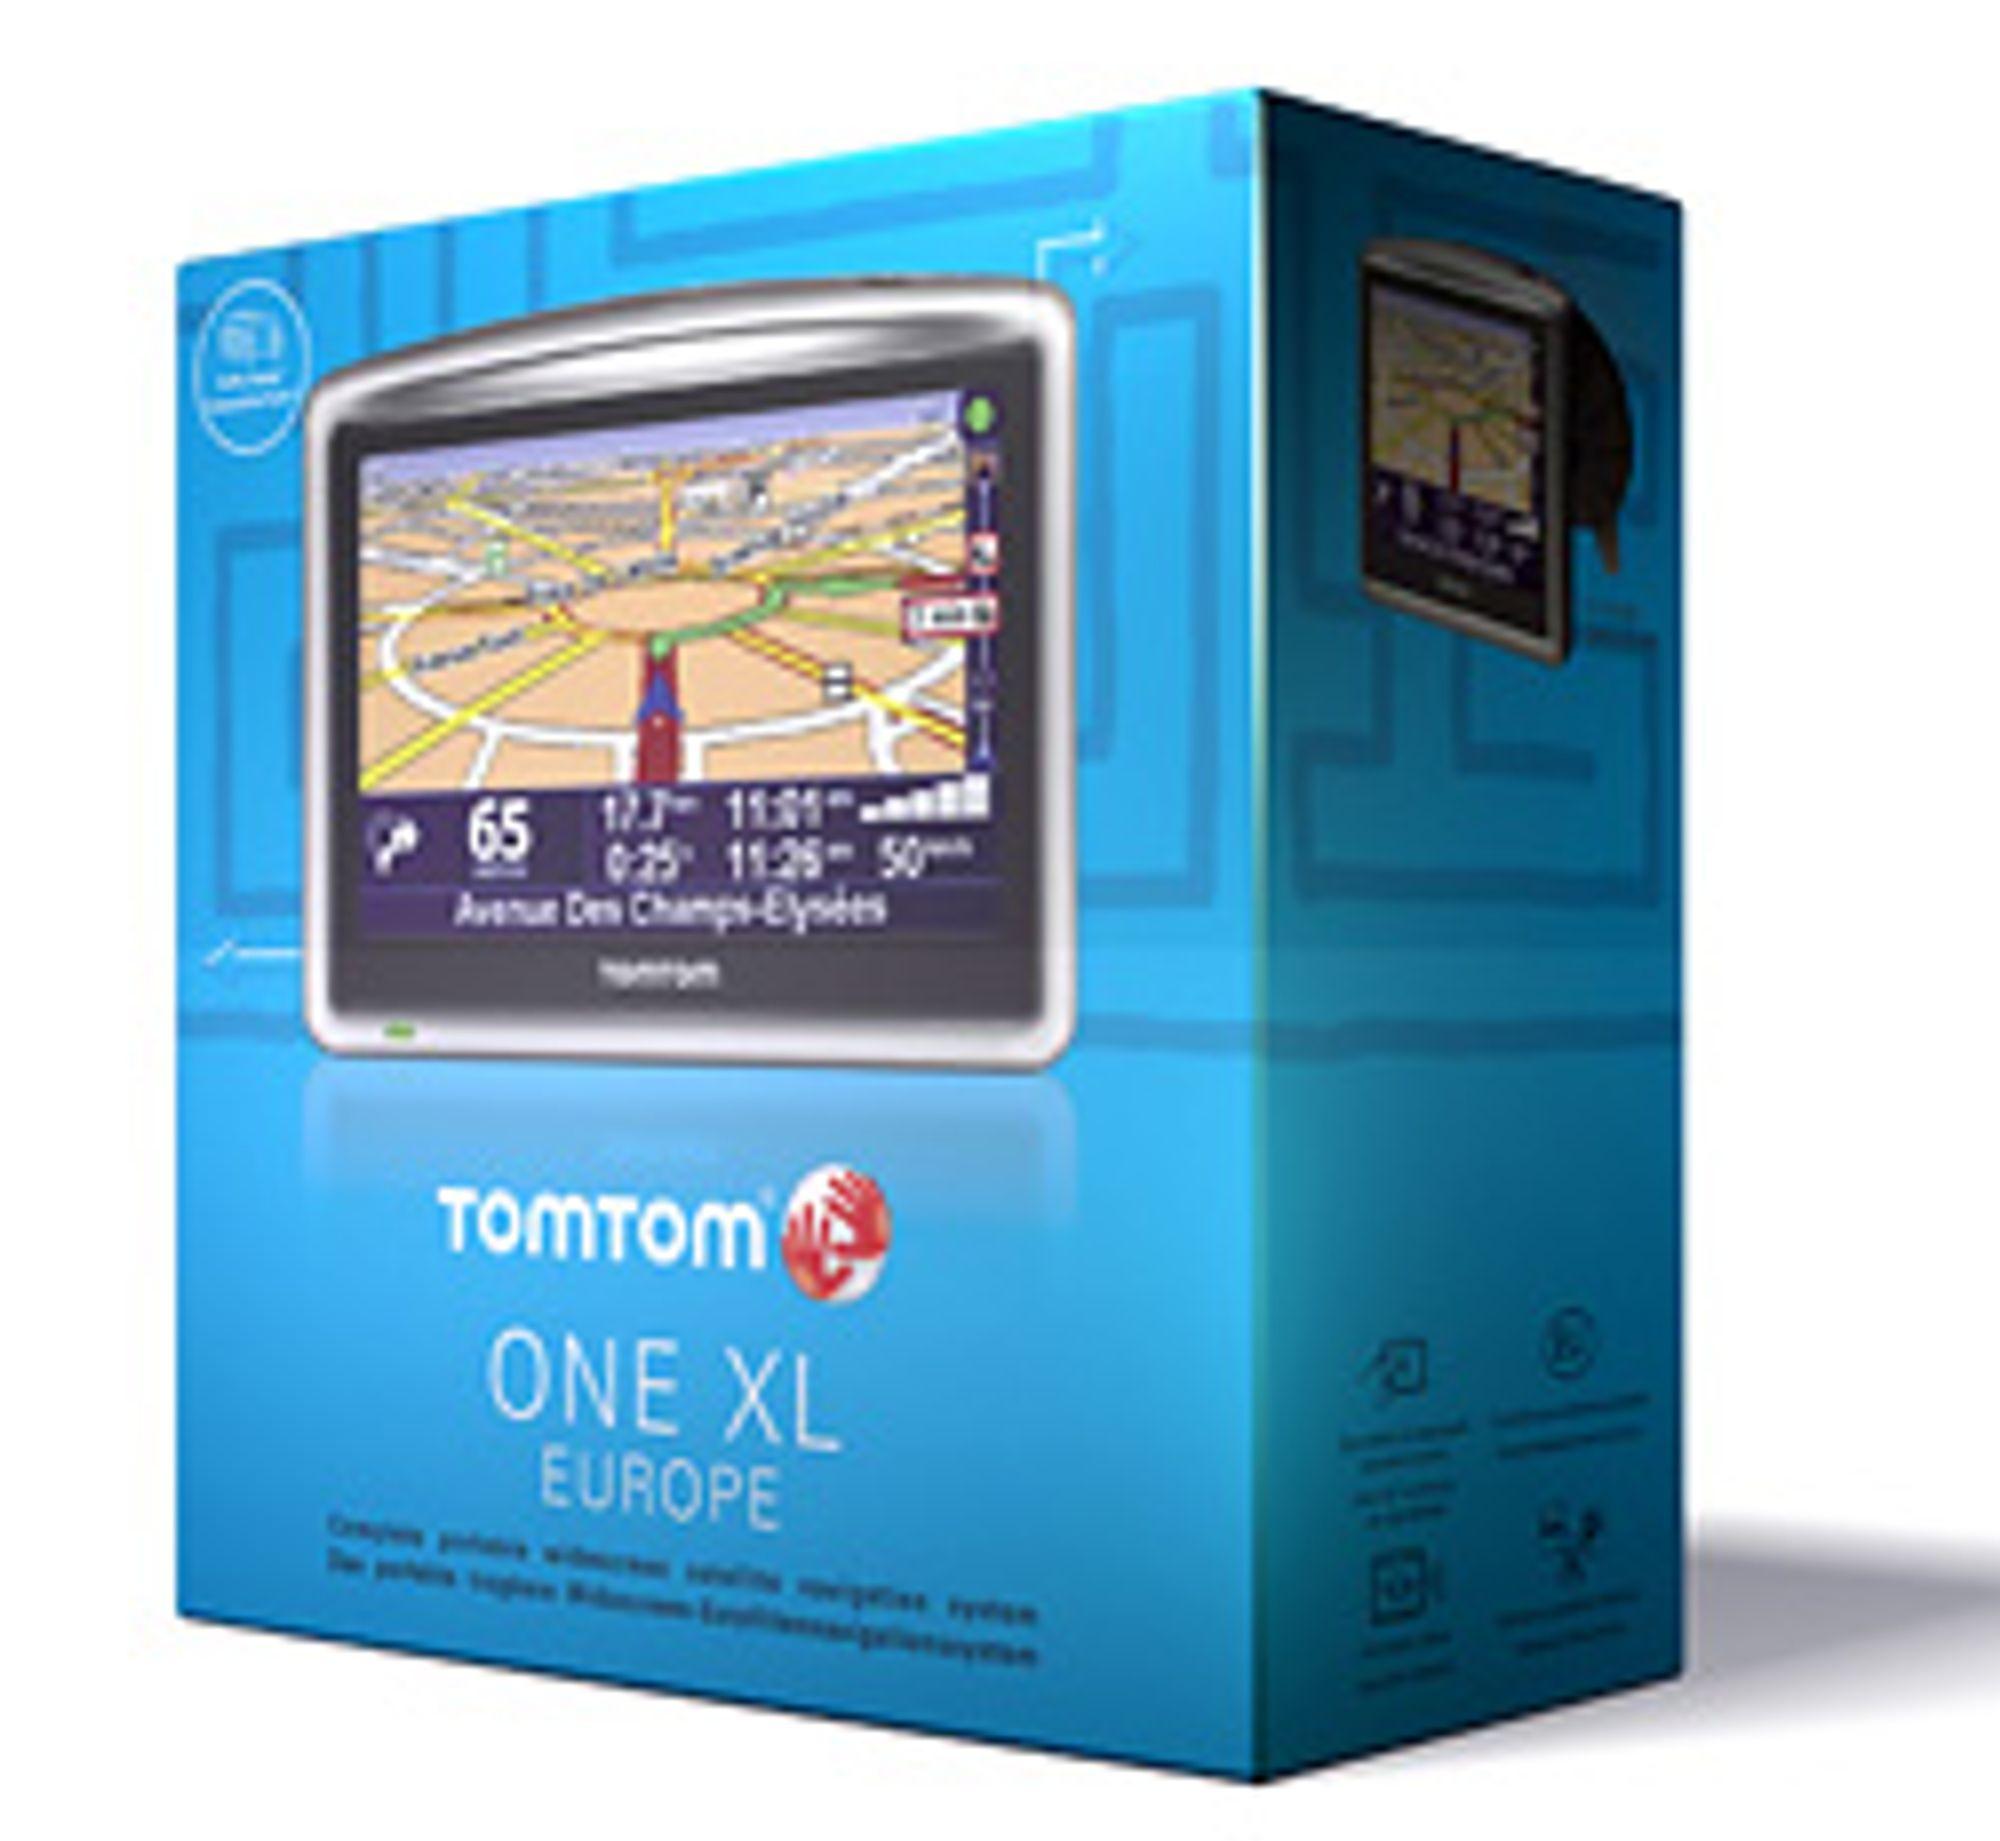 TomTom kommer med preinnstallerte kart for Europa eller Skandinavia. (Foto: TomTom)